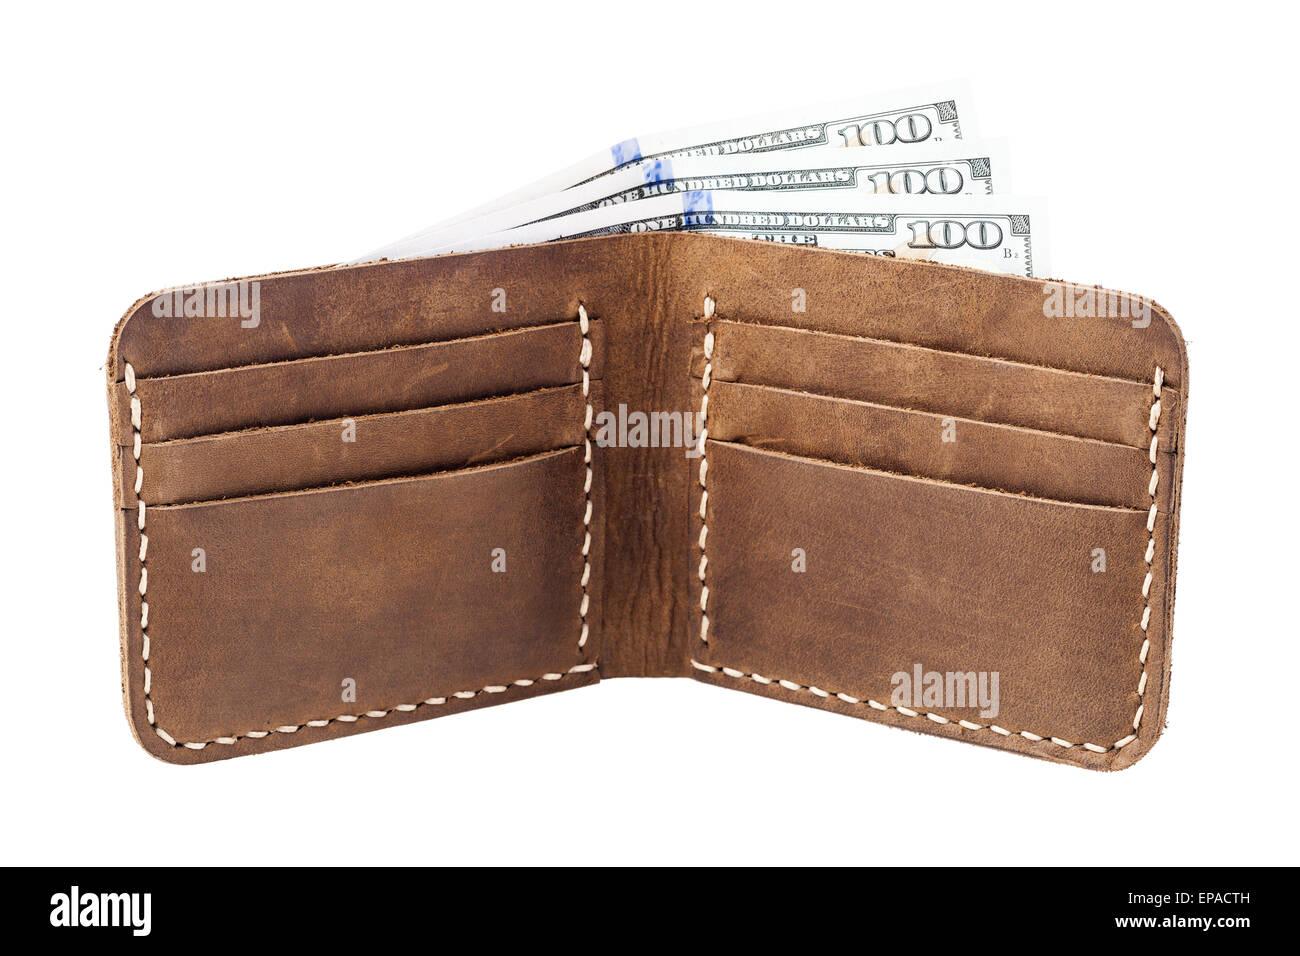 braune leder portemonnaie mit geld isoliert auf weiss stockfoto bild 82593521 alamy. Black Bedroom Furniture Sets. Home Design Ideas